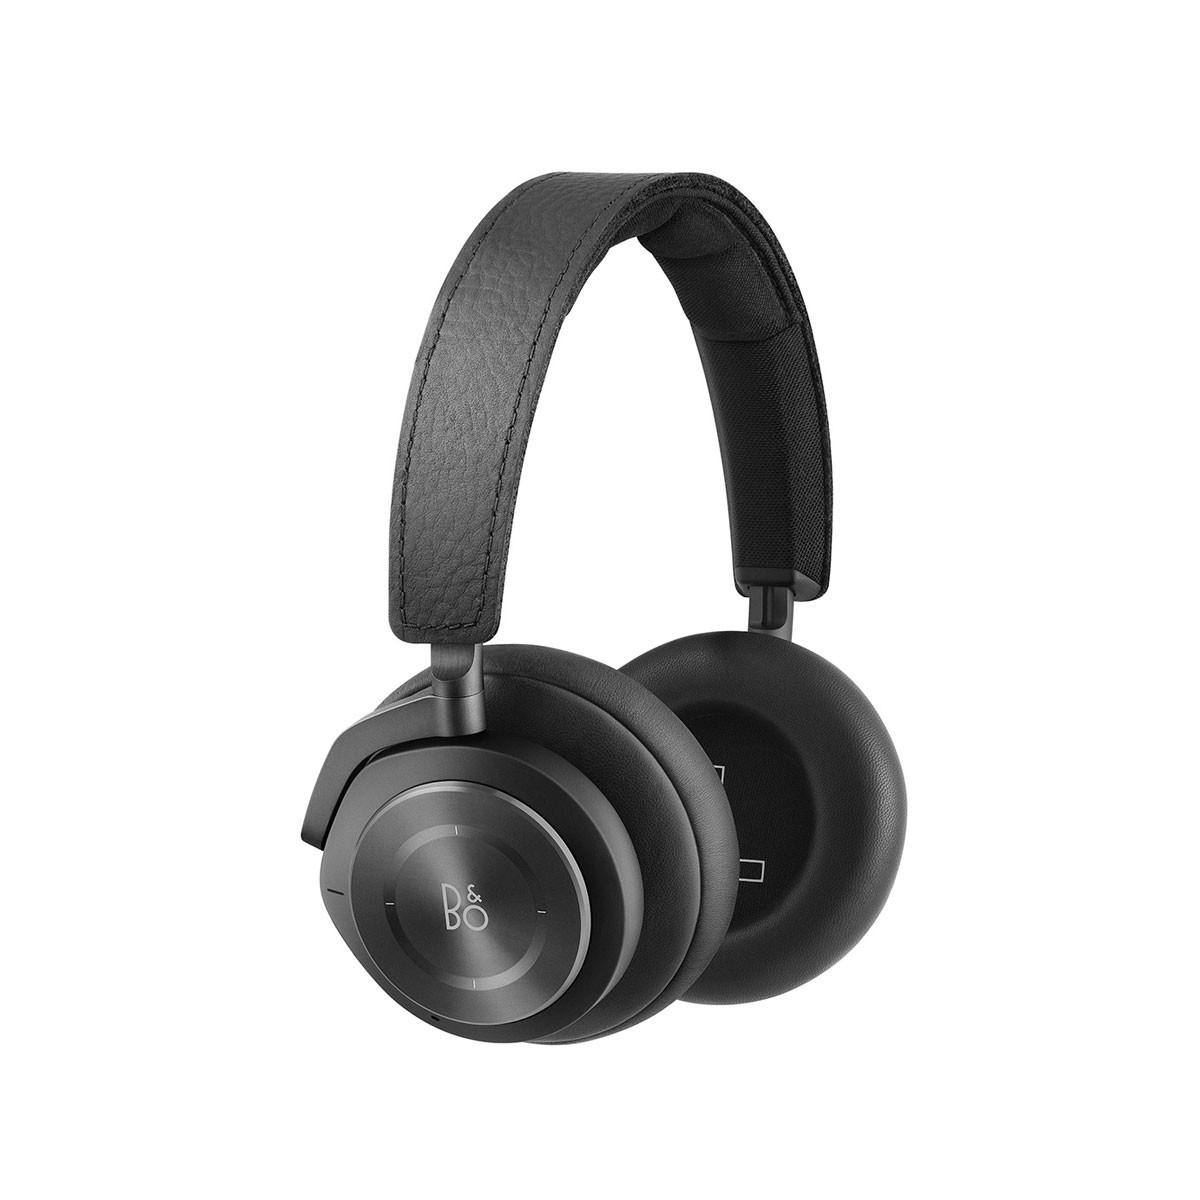 B&O Play - Beoplay H9i, černá bezdrátová sluchátka